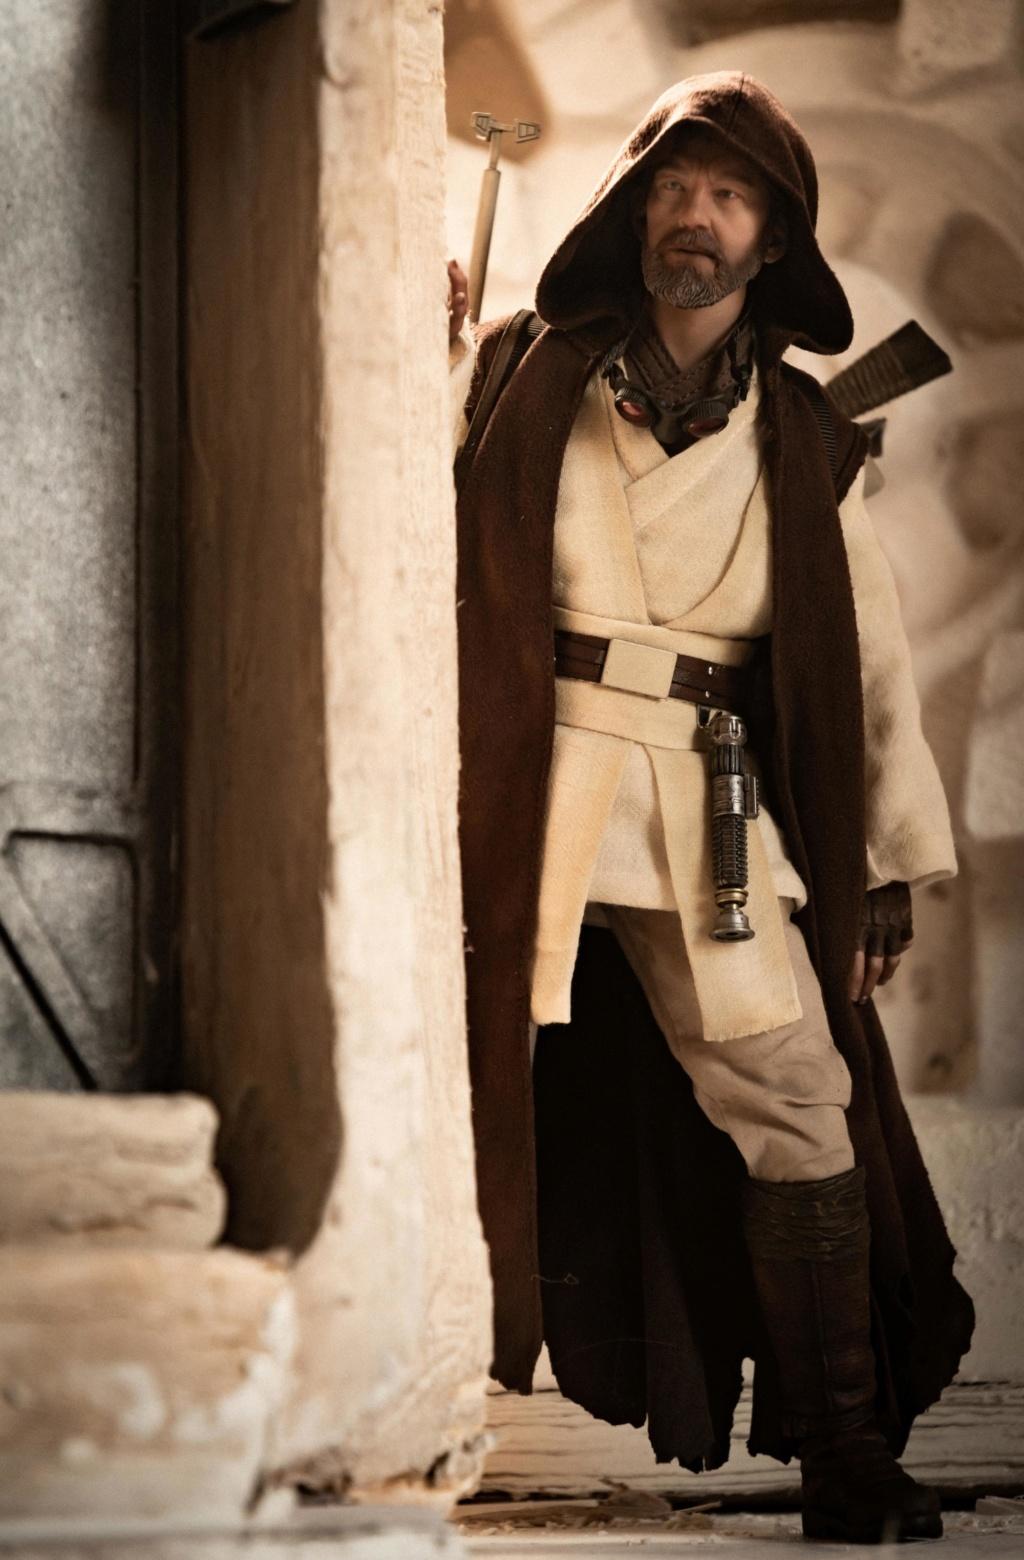 sideshow - REVIEW: Sideshow Collectibles: Obi-Wan Kenobi Mythos Kenobi10